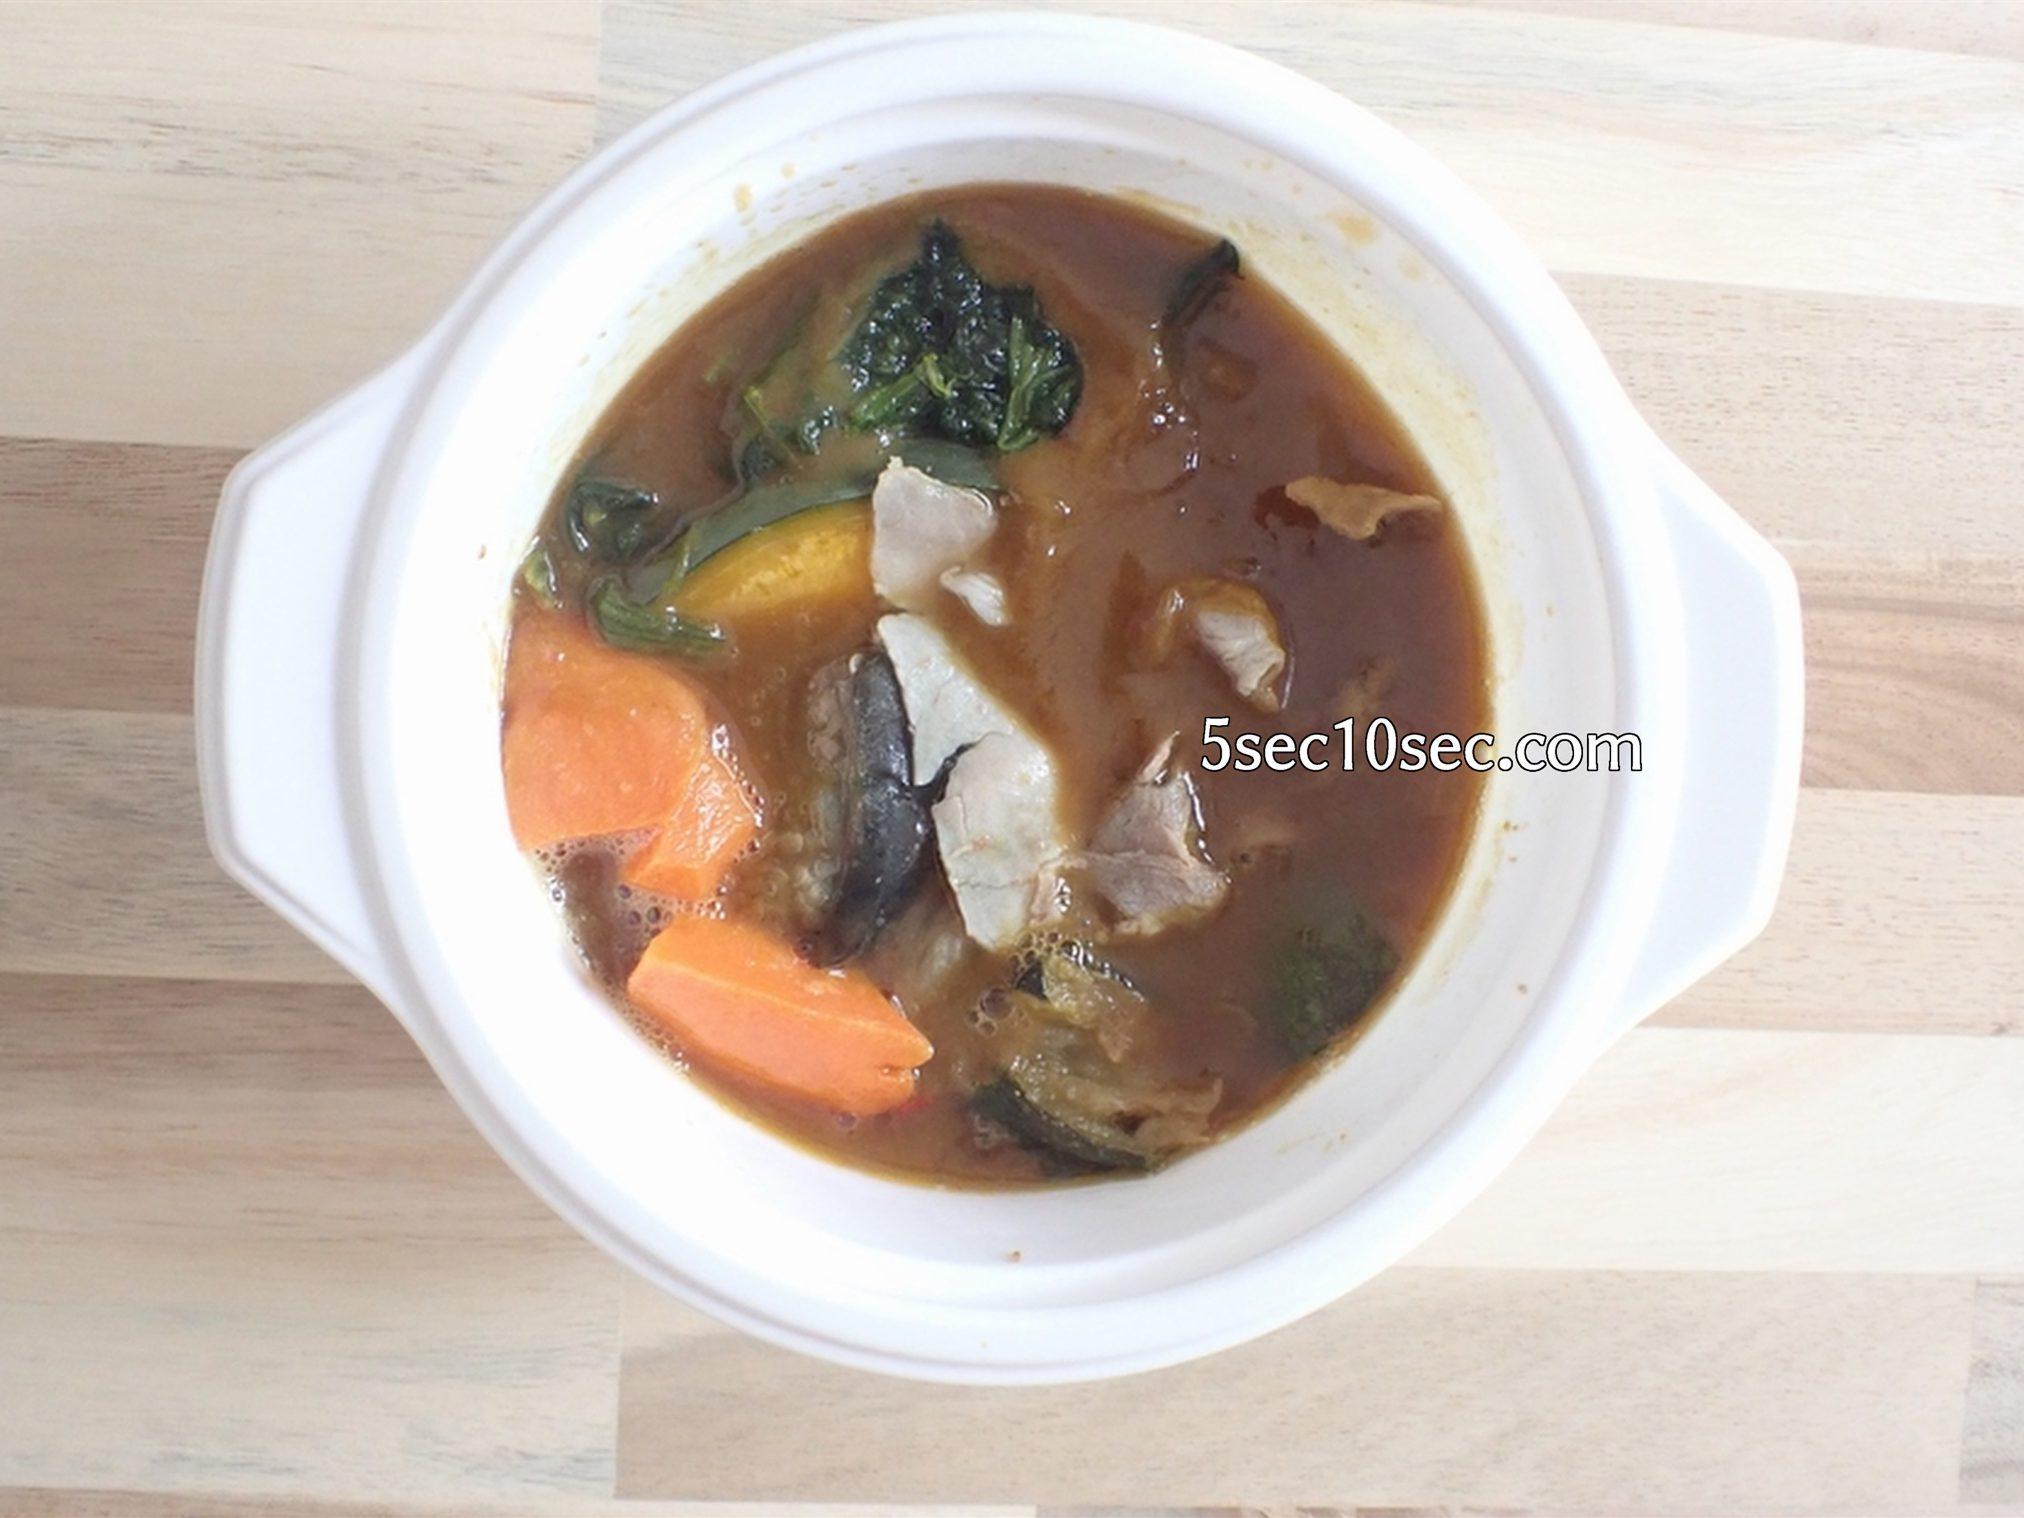 宅配健康食 ウェルネスダイニング ベジ活スープ食 野菜カレー 電子レンジで加熱した解凍後の写真